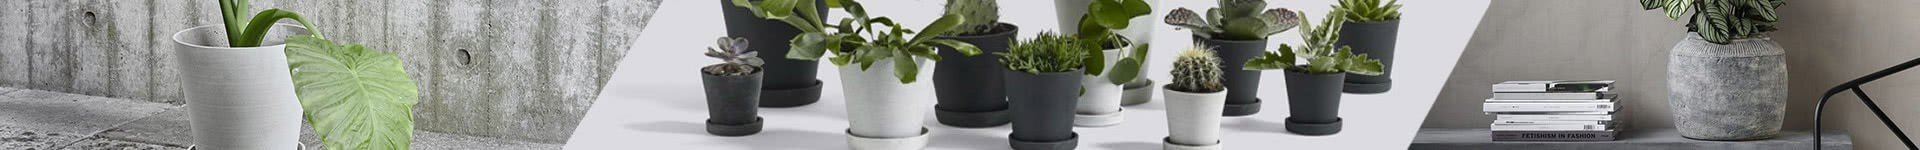 Urtepotter, krukker og plantekasser